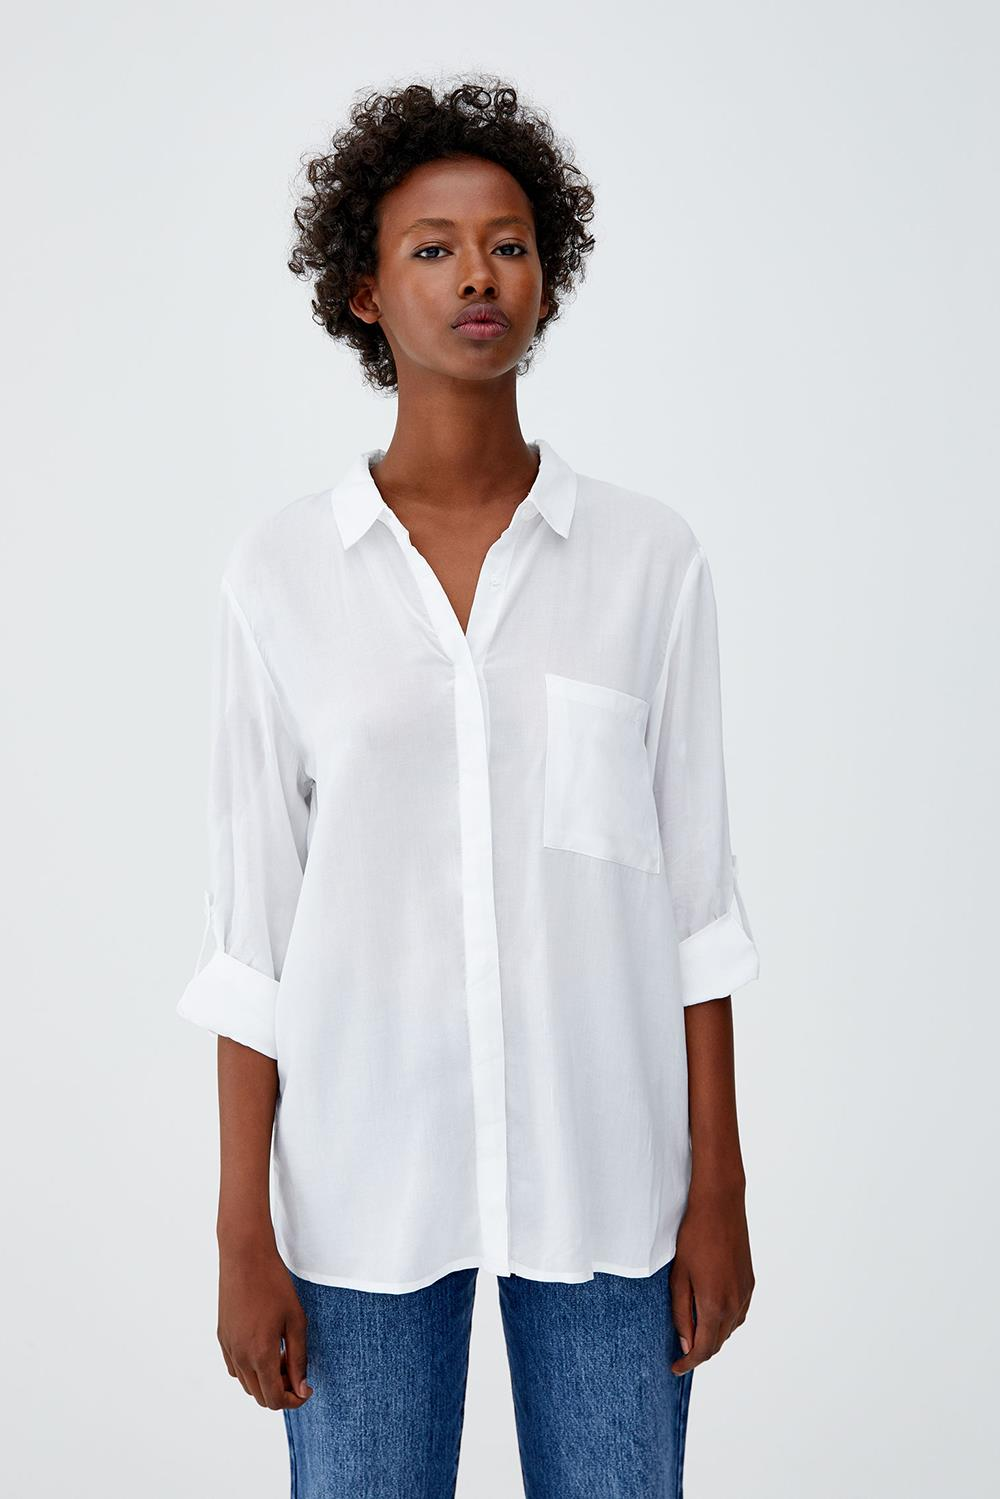 5pull-and-bear-camiseta-blanca-clasica. Empecemos por la clásica ad8ca35ee3d5